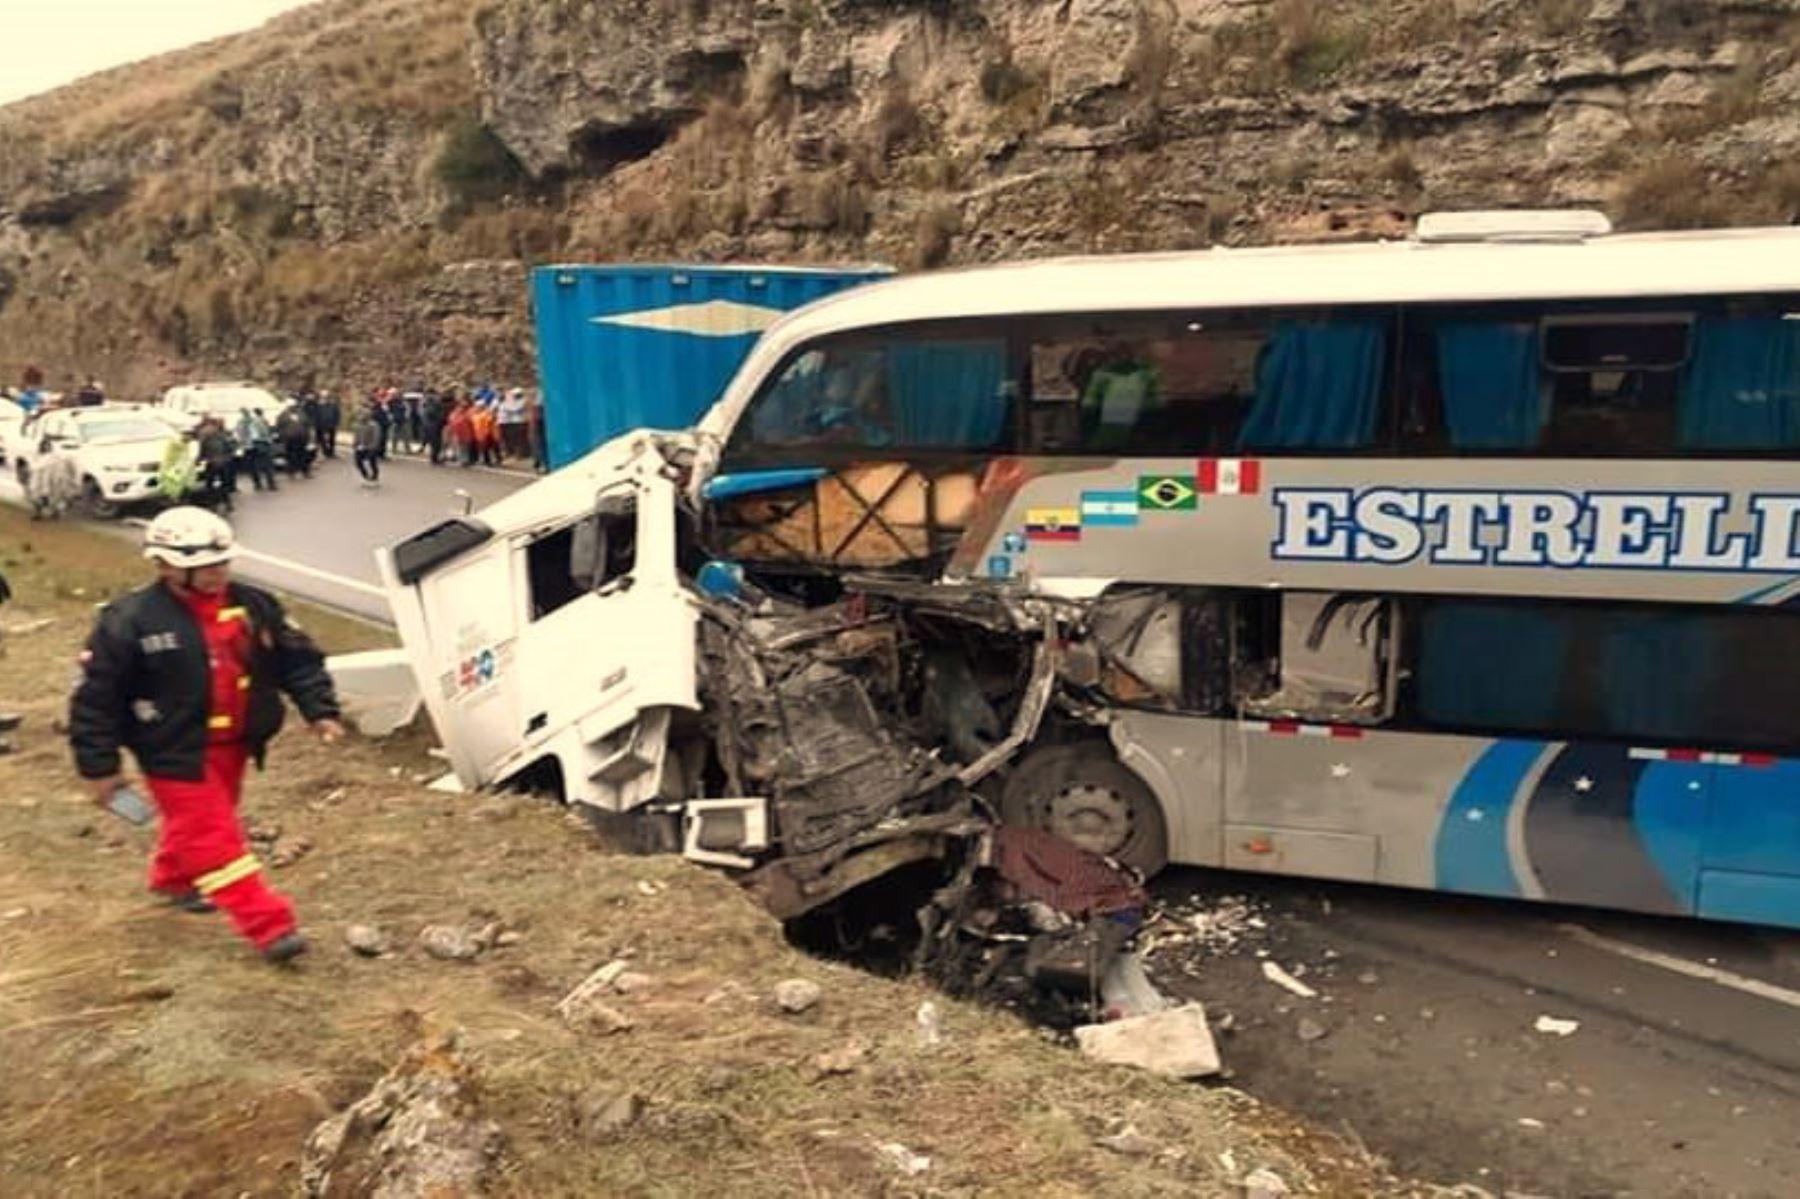 Un ómnibus interprovincial colisionó hoy contra un semitráiler en el kilómetro 31+400 del tramo Pasco-La Oroya de la carretera Central.